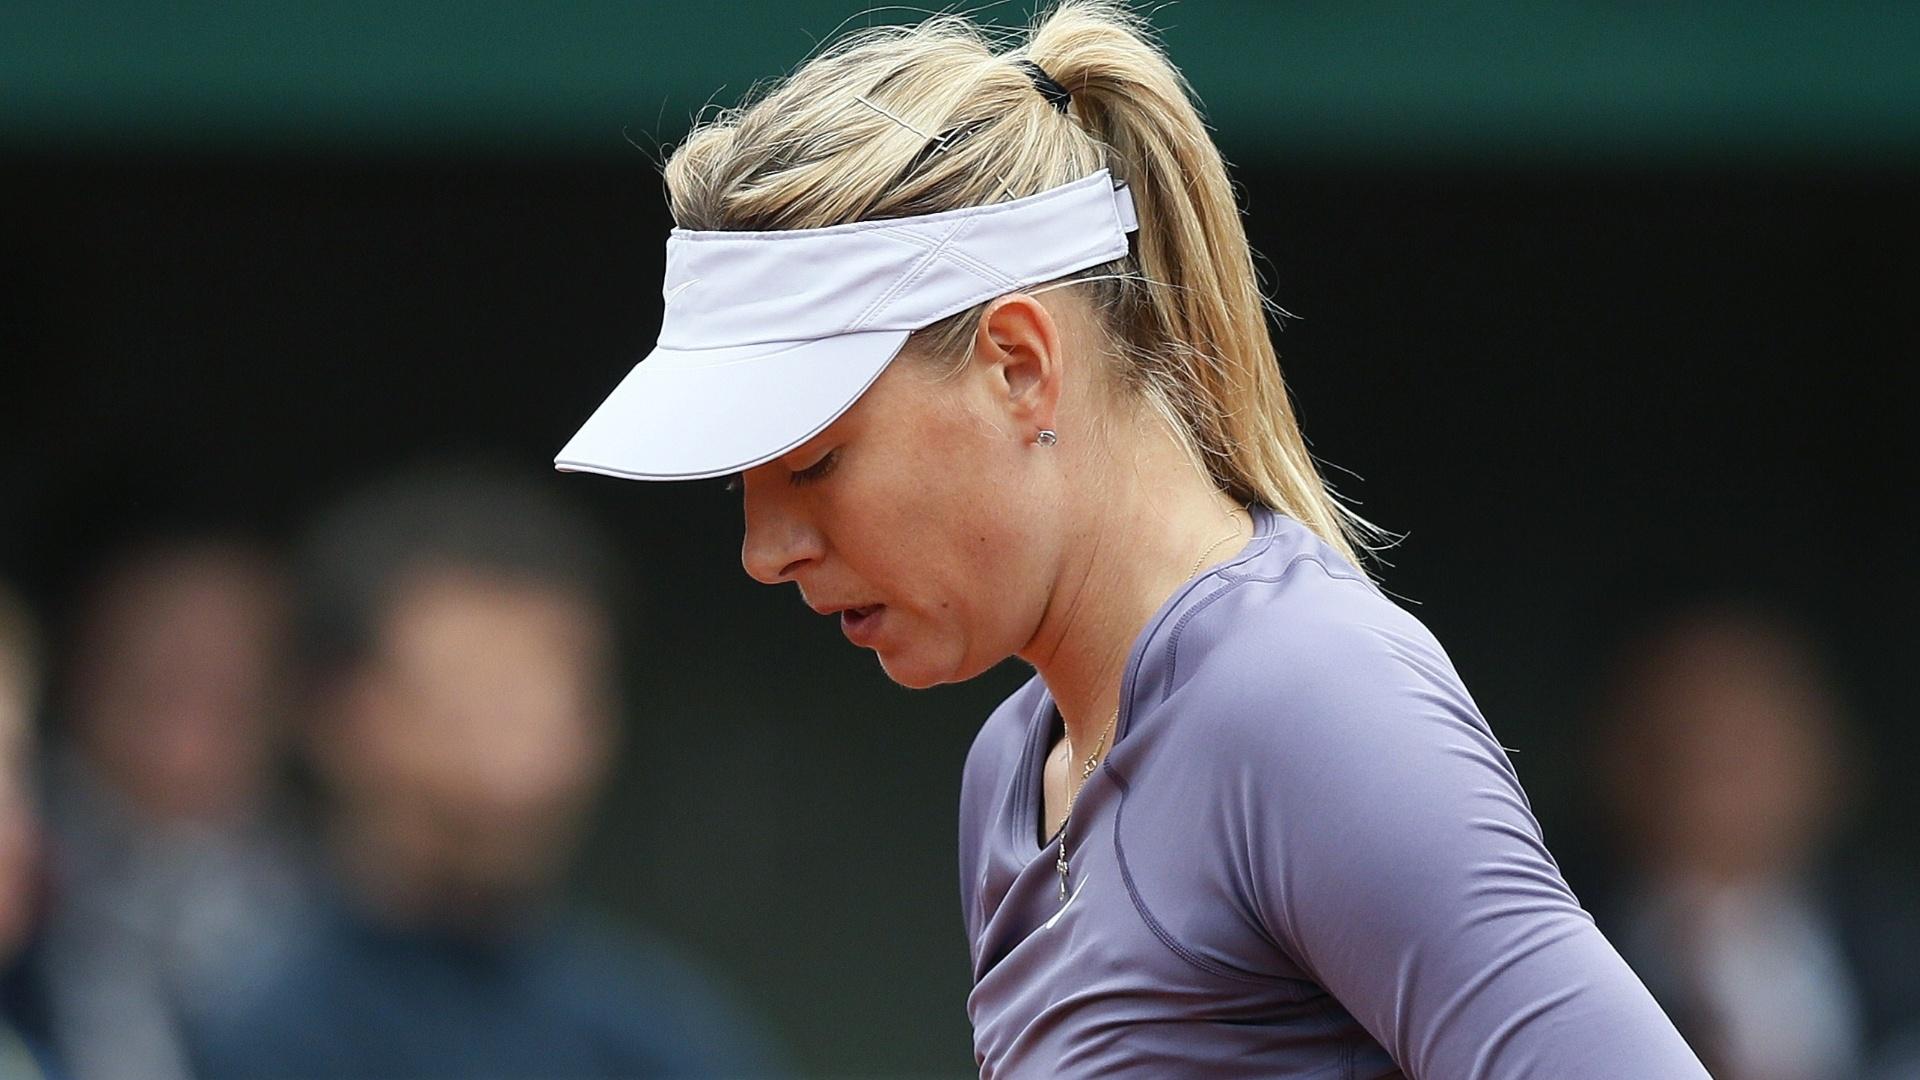 31.mai.2013 - Maria Sharapova ajeita o uniforme antes de sacar durante a partida contra Eugenie Bouchard pela 2ª rodada de Roland Garros